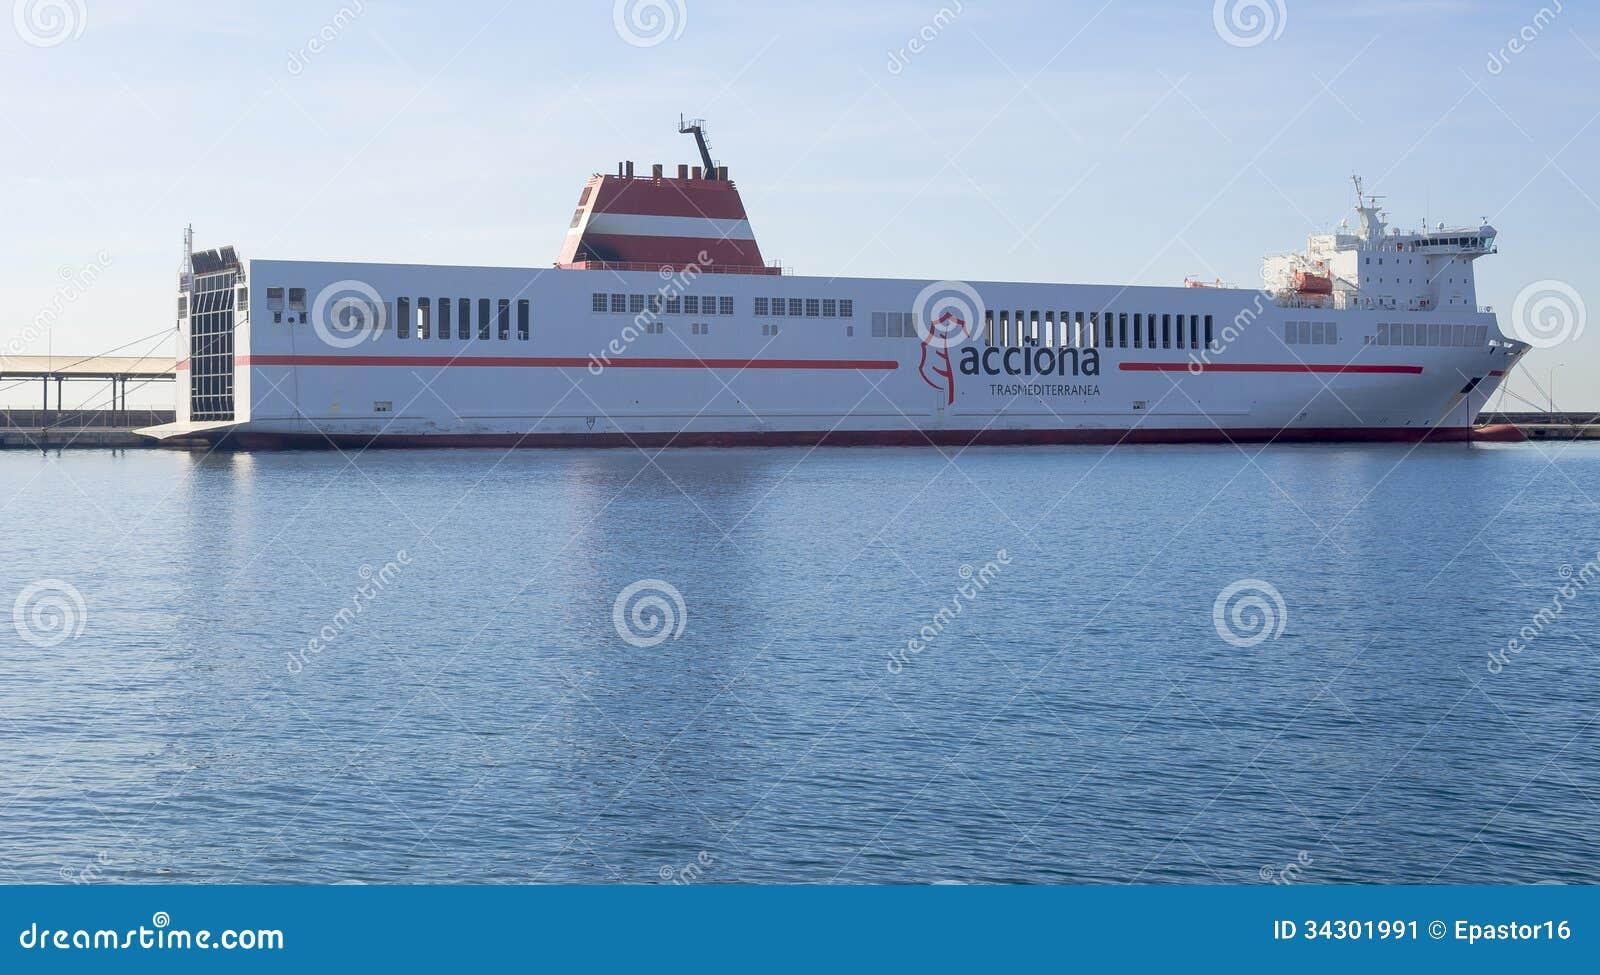 AccionaKreuzfahrtFährenTransportSchiff Nach Algerien